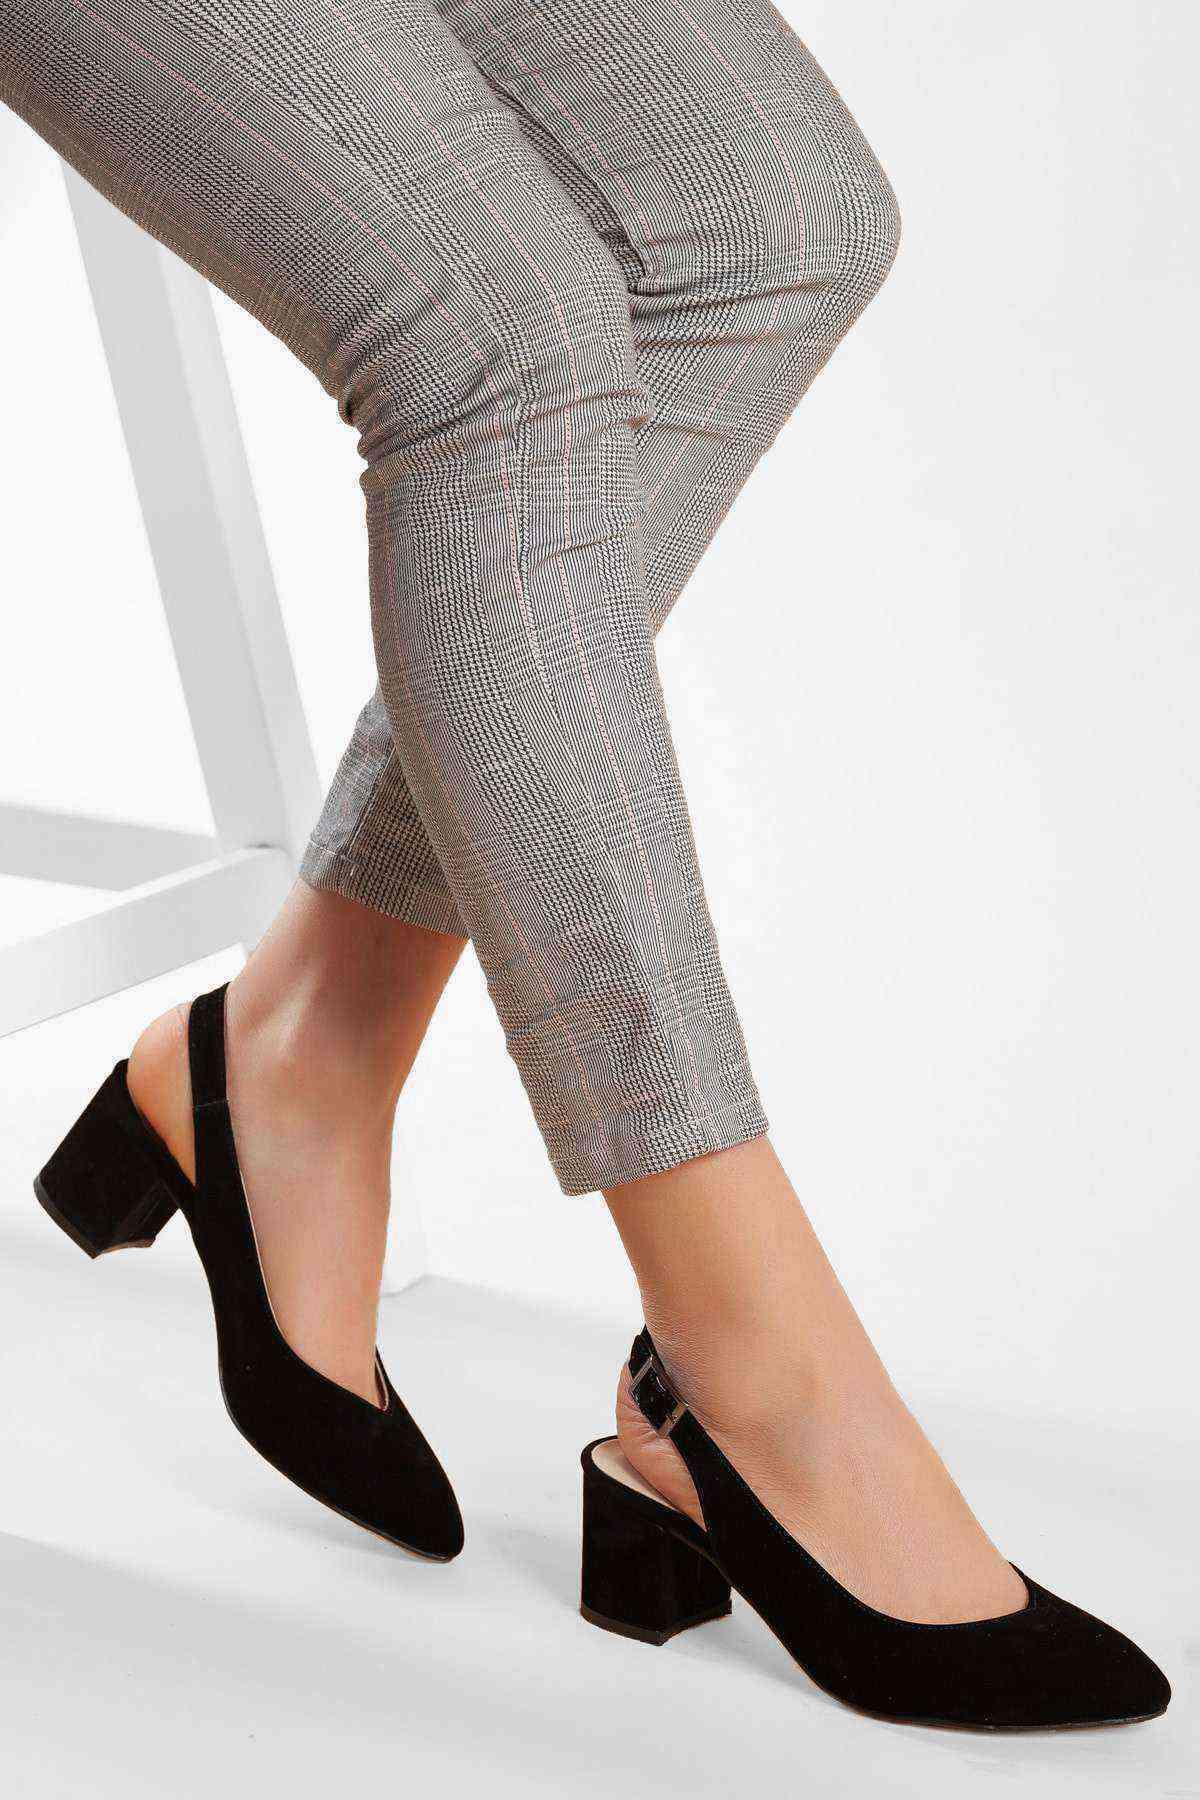 Kadın Topuklu Ayakkabı - Siyah Süet